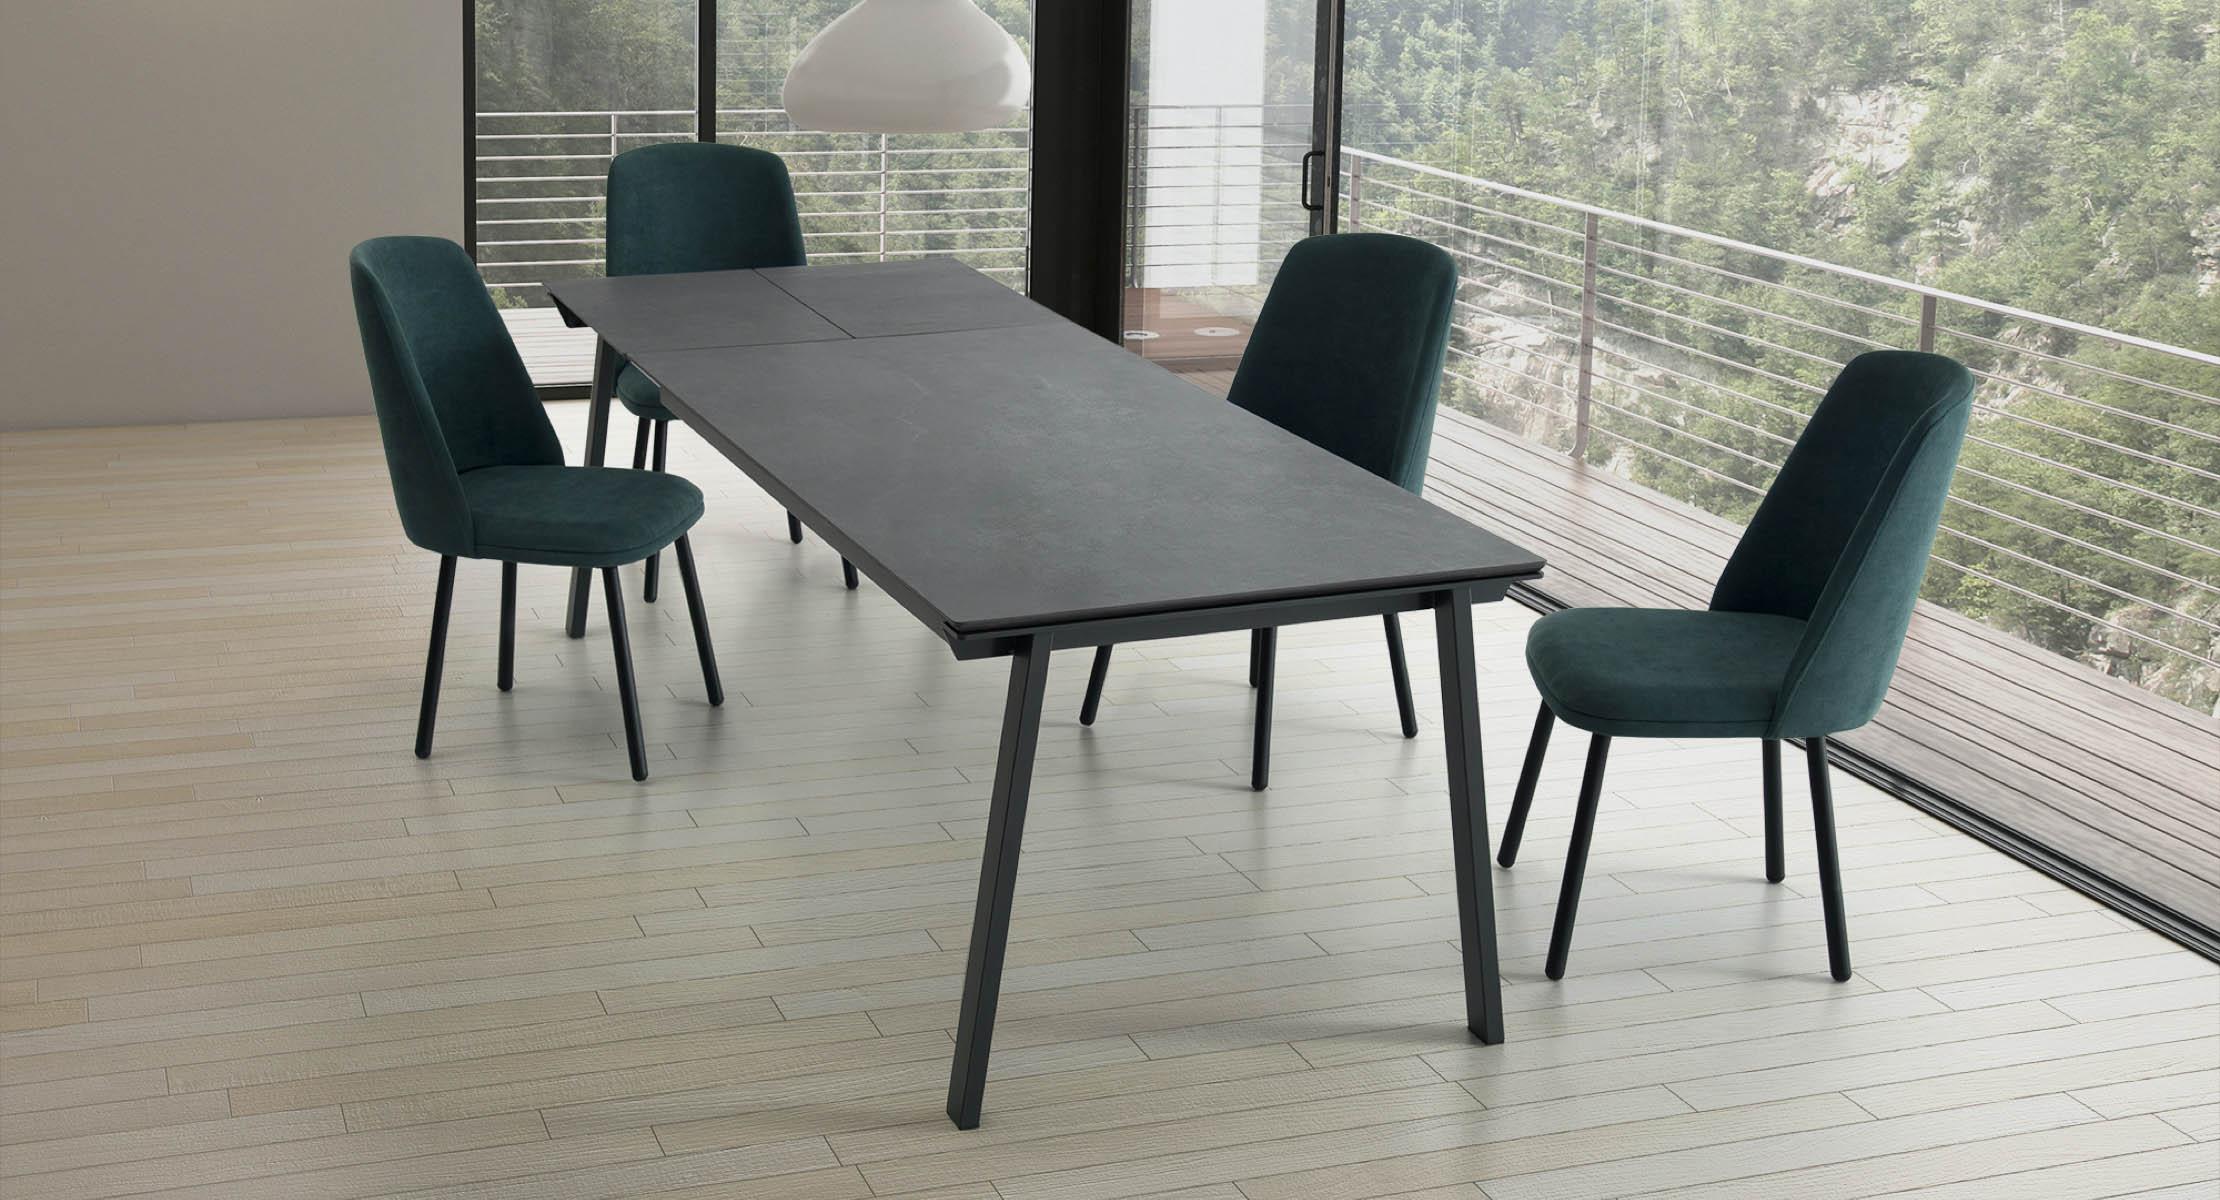 Image of modular large in Furniture - Cosentino